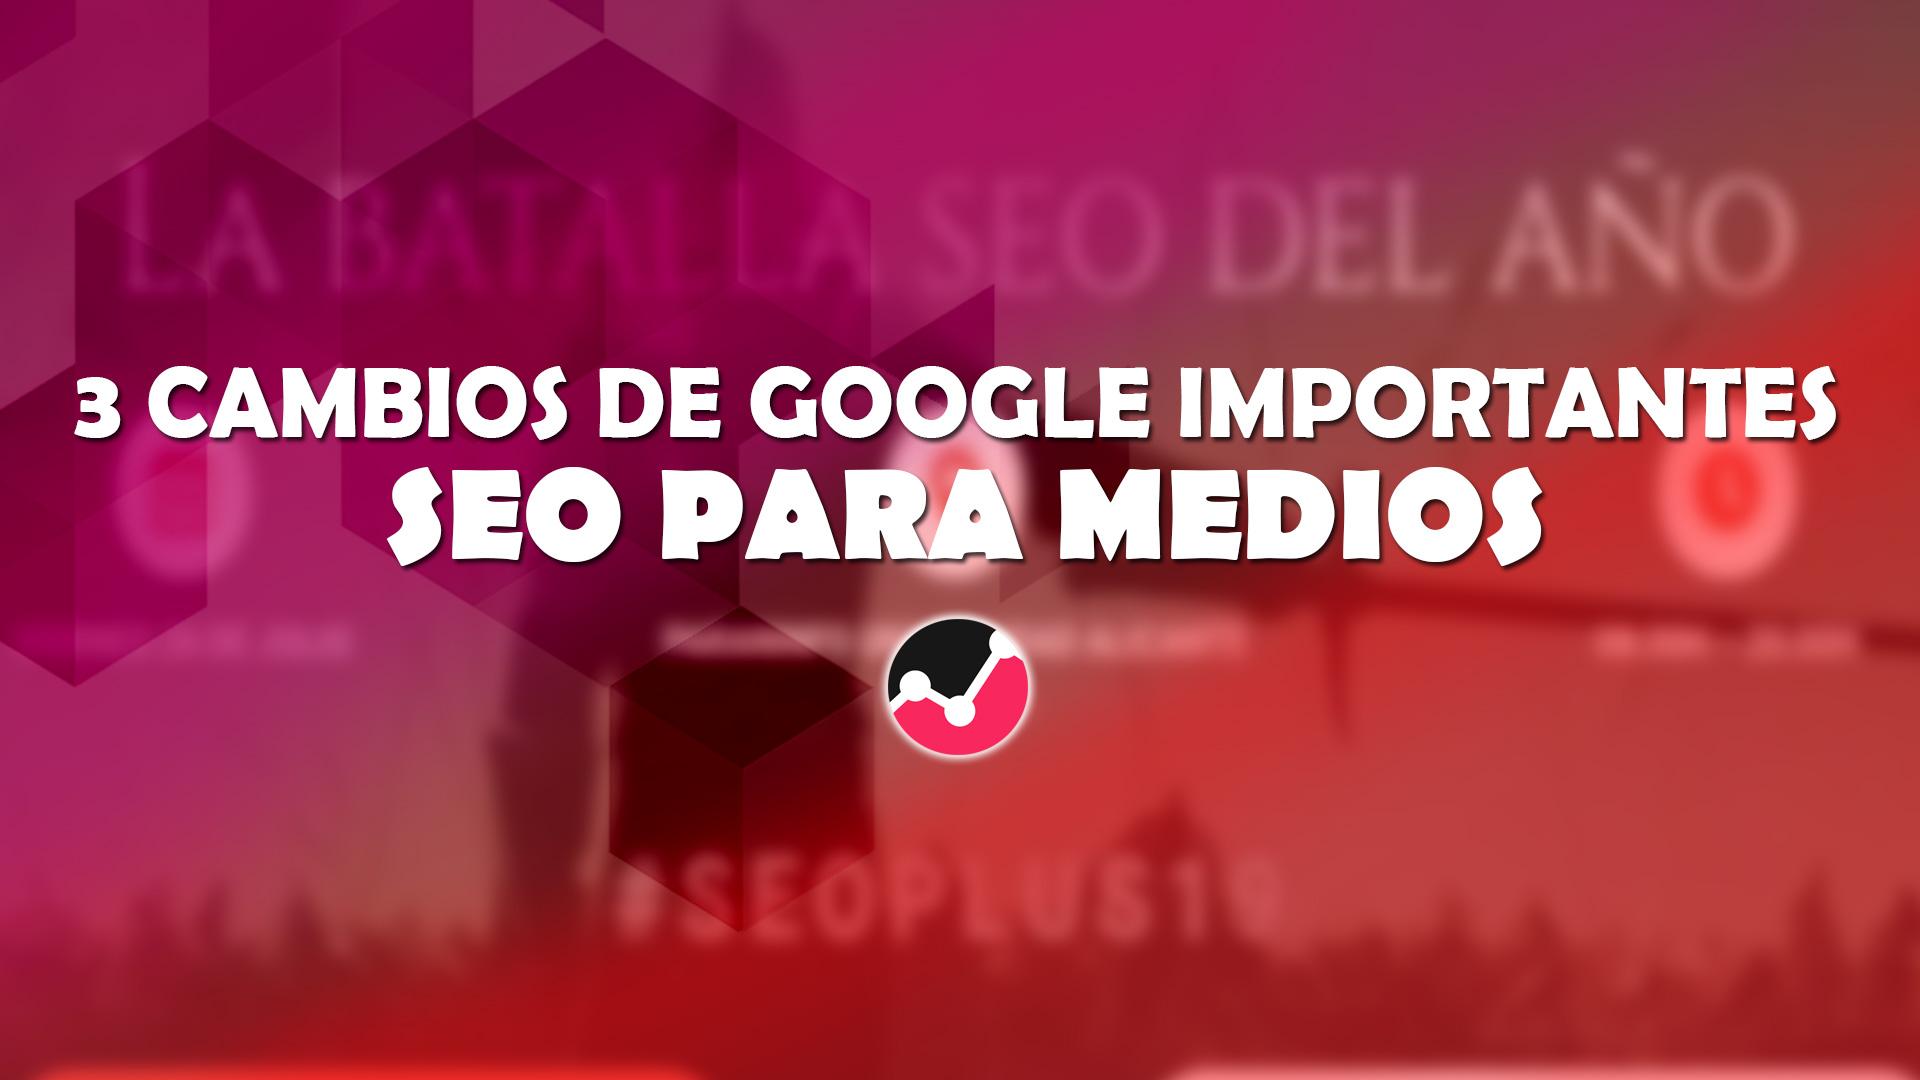 3 cambios importantes en Google relacionados con el SEO para medios